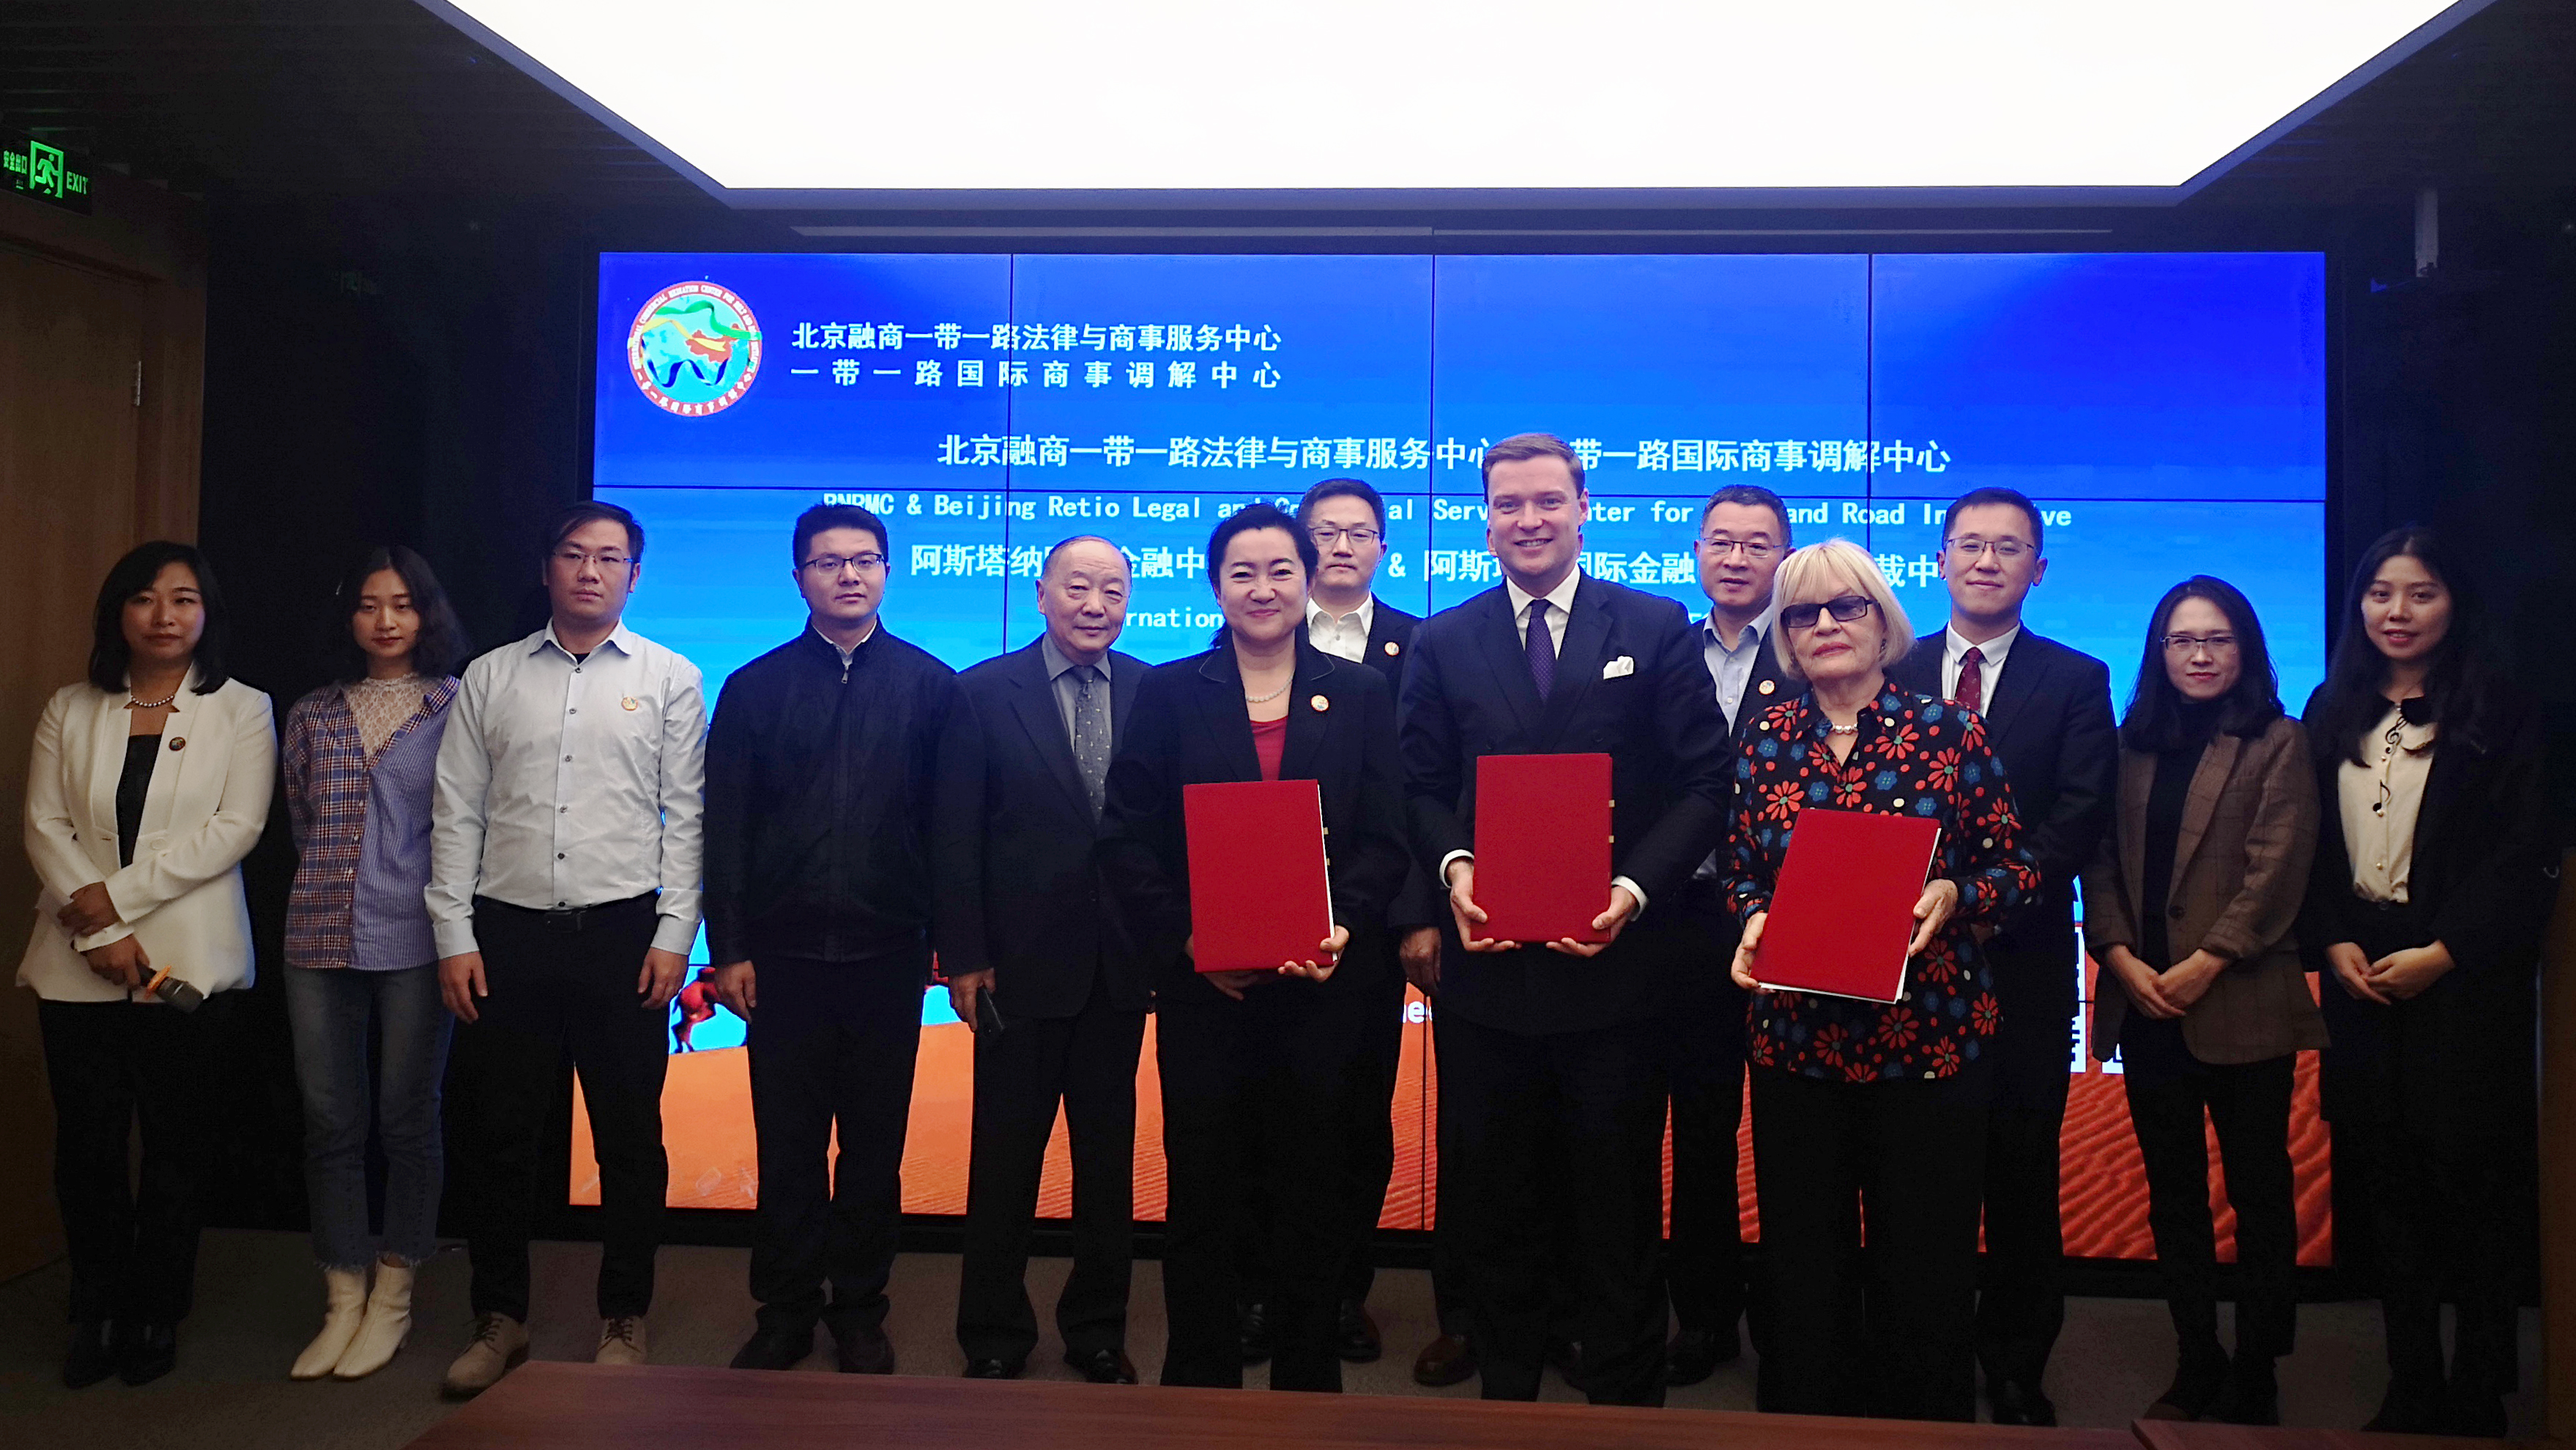 北京融商一带一路法律与商事服务中心暨一带一路国际商事调解中心与AIFC、IAC签署备忘录